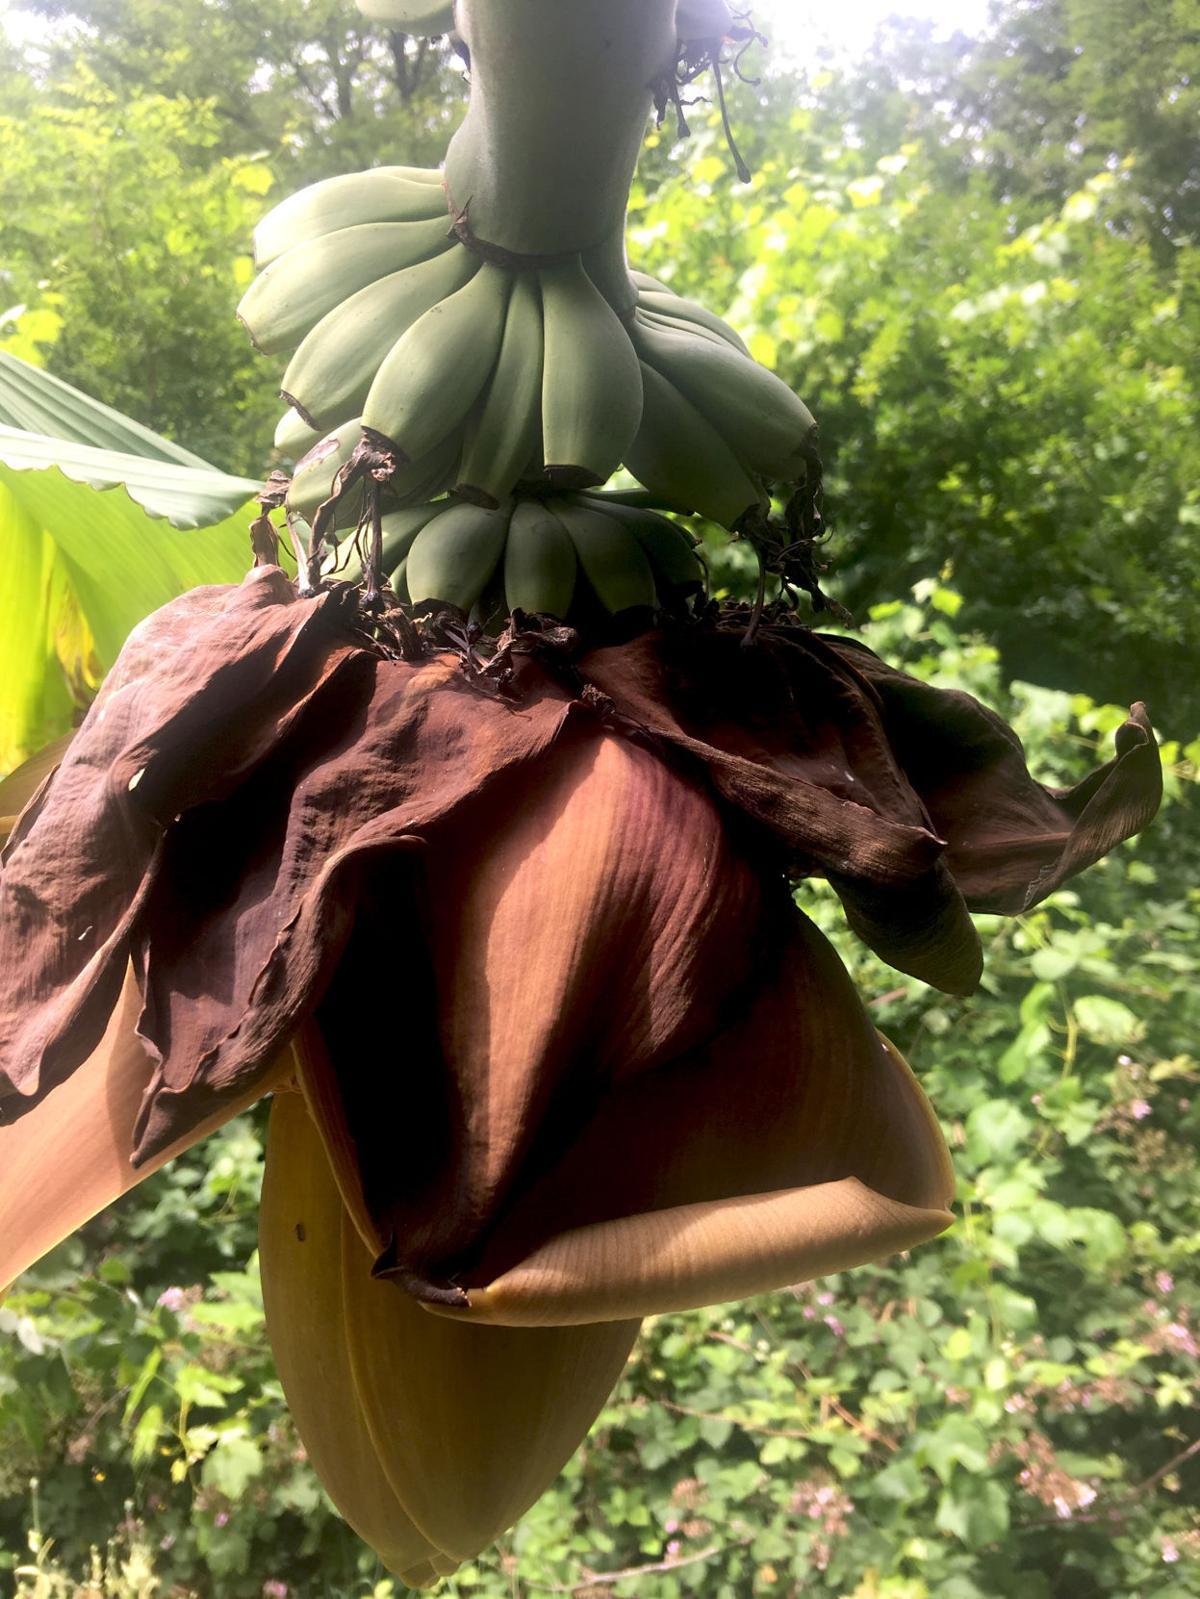 bananas in Greenacres